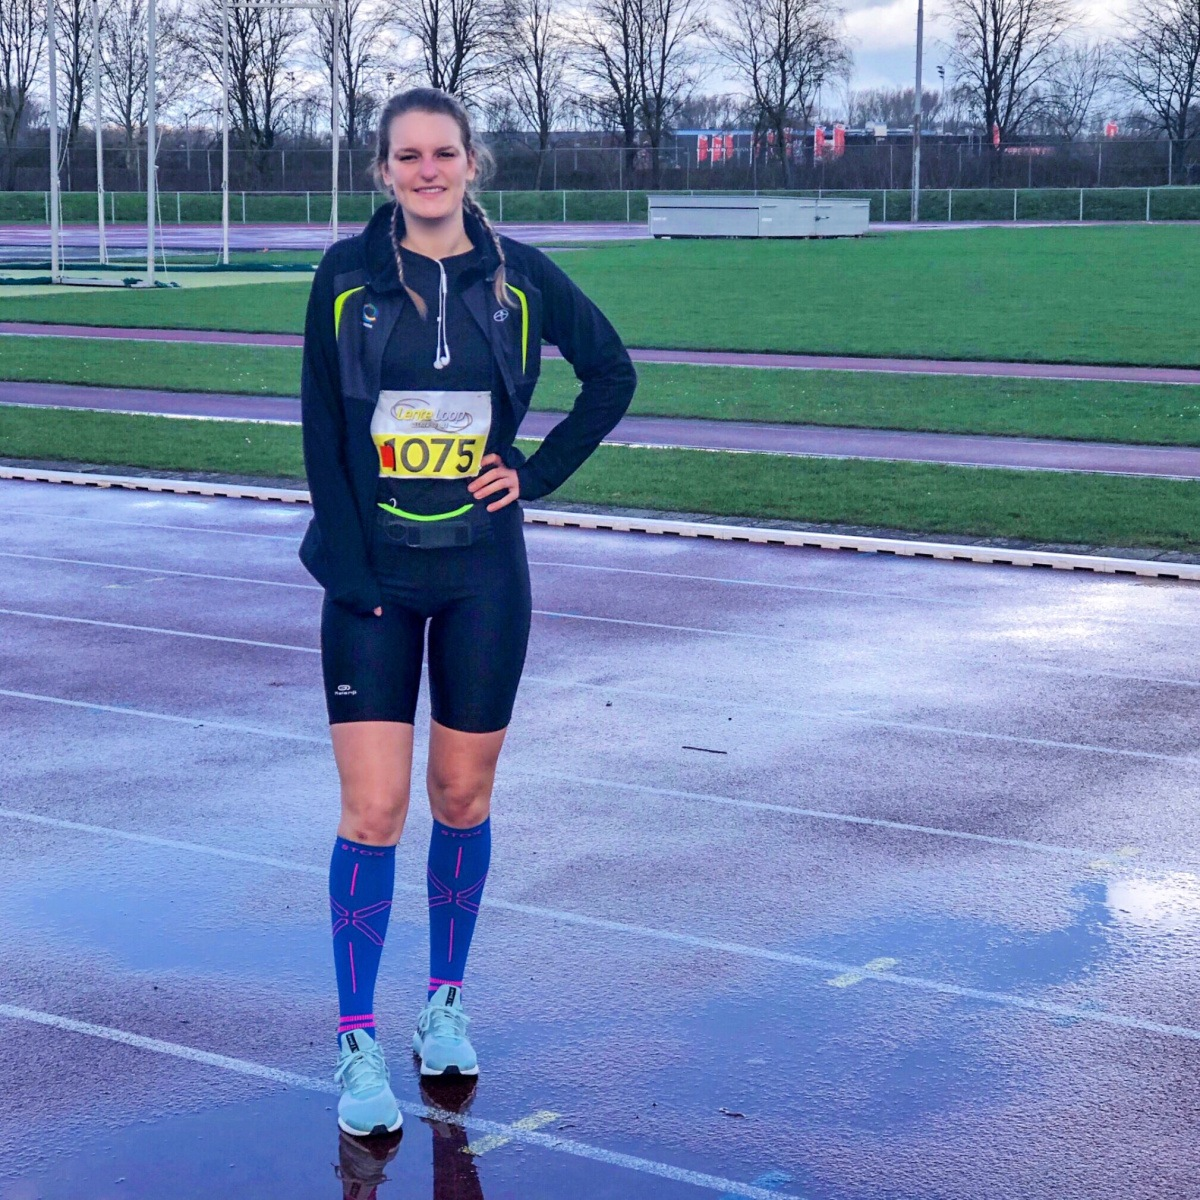 Raceverslag: Lenteloop Almere